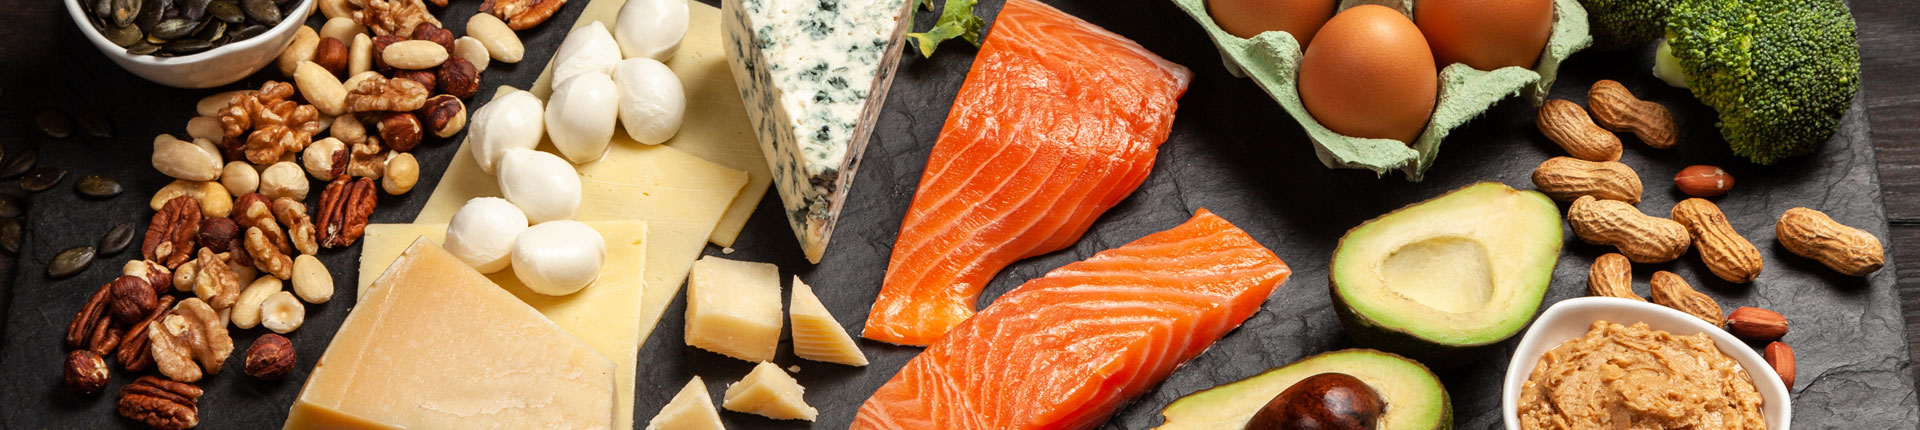 Zalety diety ketogenicznej. Dieta keto a cukrzyca, trądzik, PCOS i sen